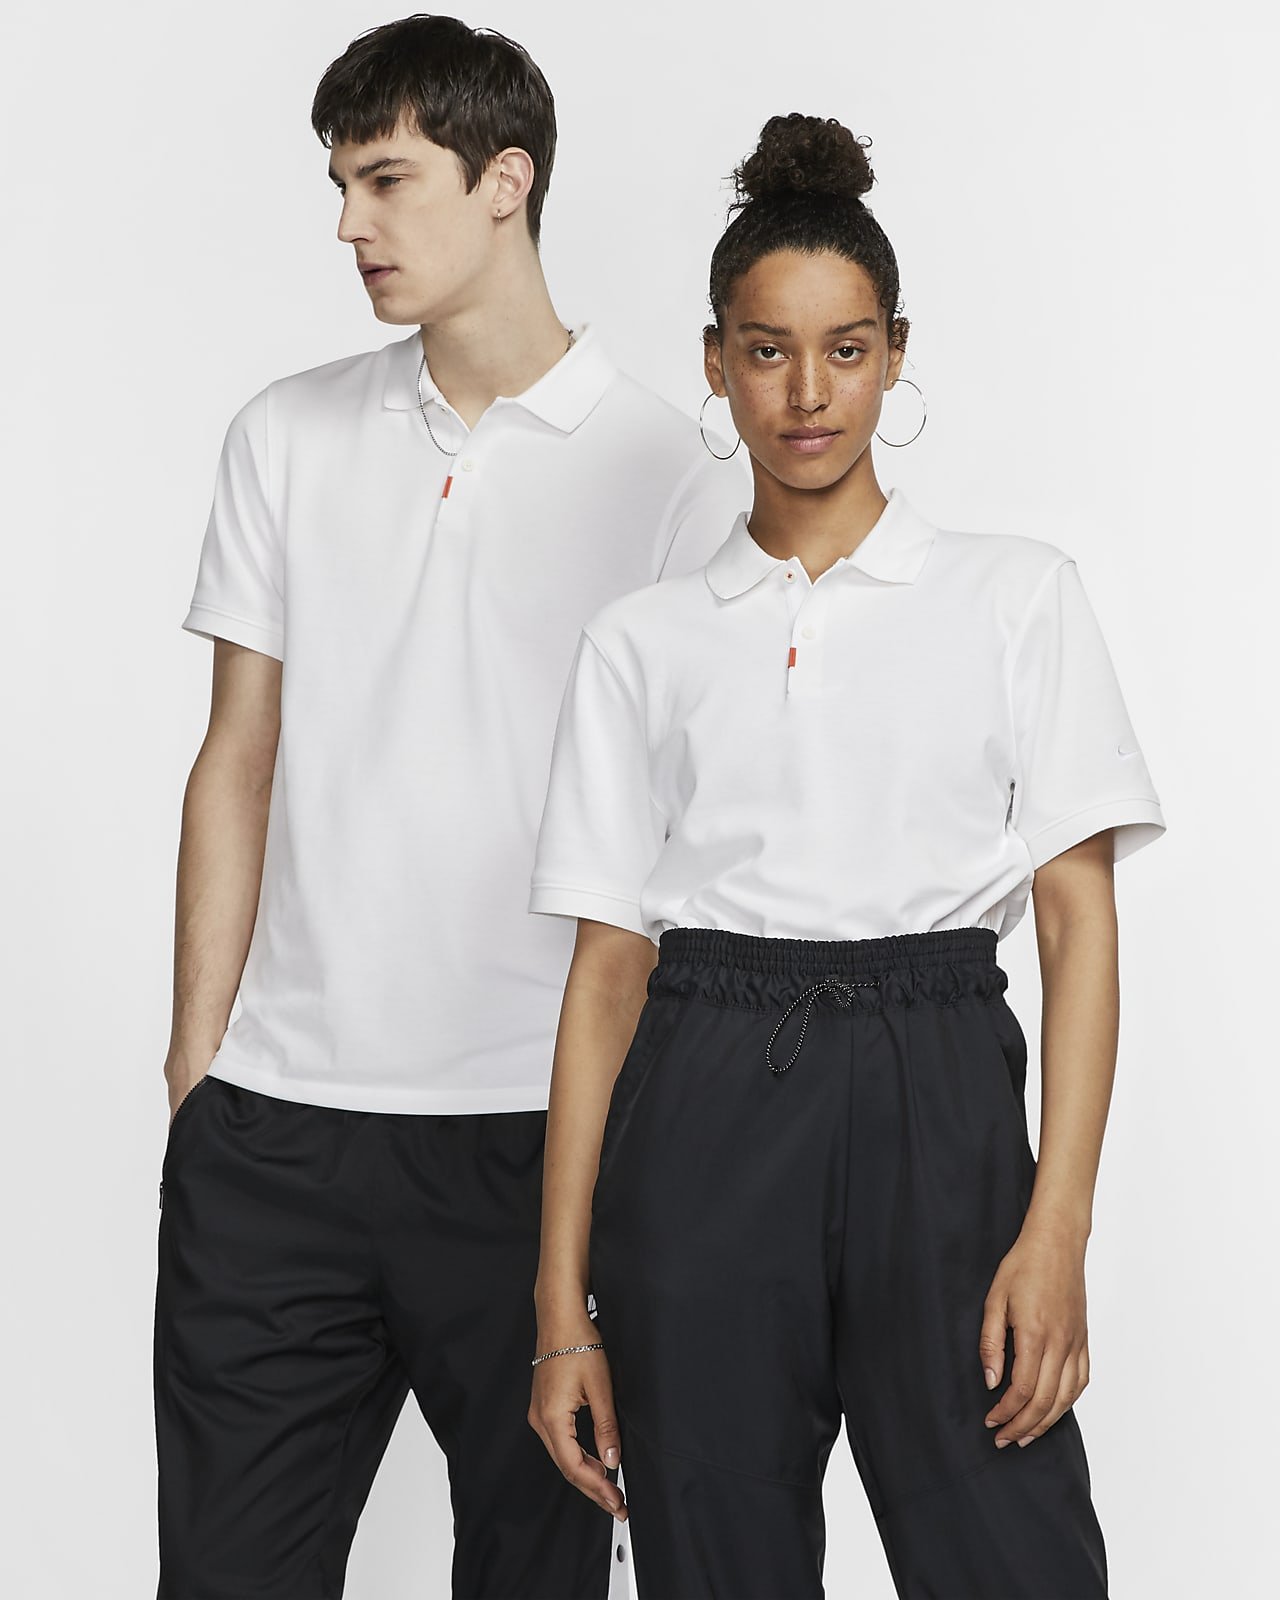 Das Nike Polo Poloshirt in schmaler Passform (Unisex)